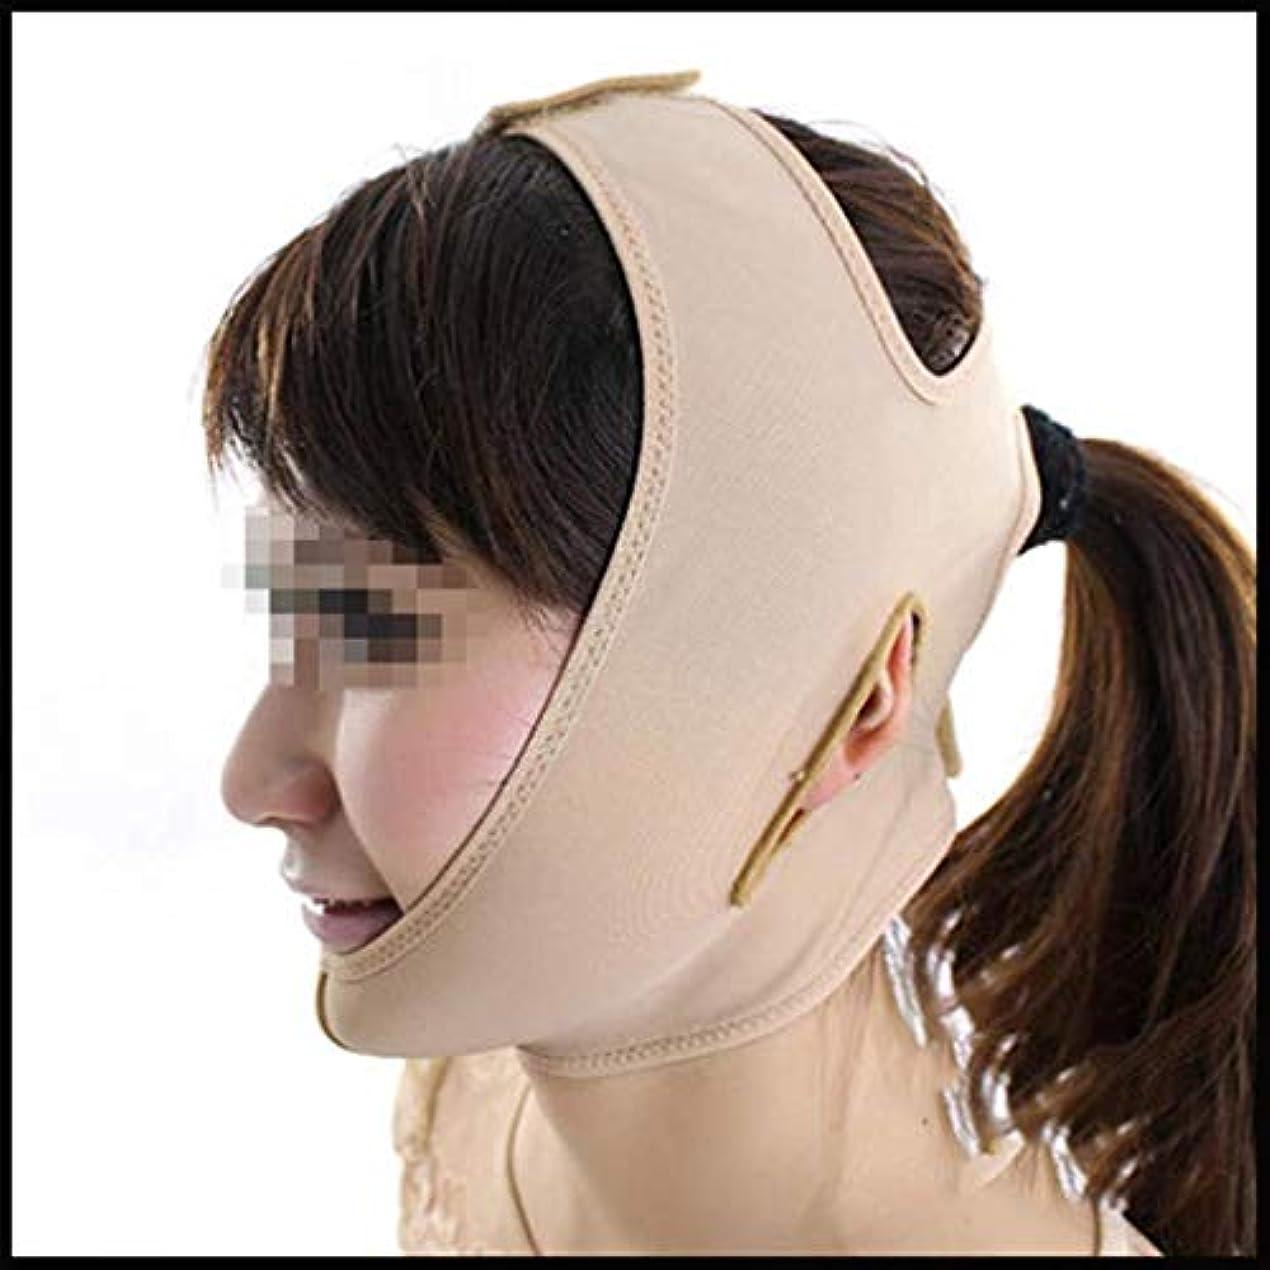 呼び起こす並外れたマティスフェイスリフティングバンデージ、薄いフェイスマスク薄い咬筋マッスルチンスリープフェイスリフティングフェイス付きの薄いフェイスVフェイス薄いフェイスマスク(サイズ:L)